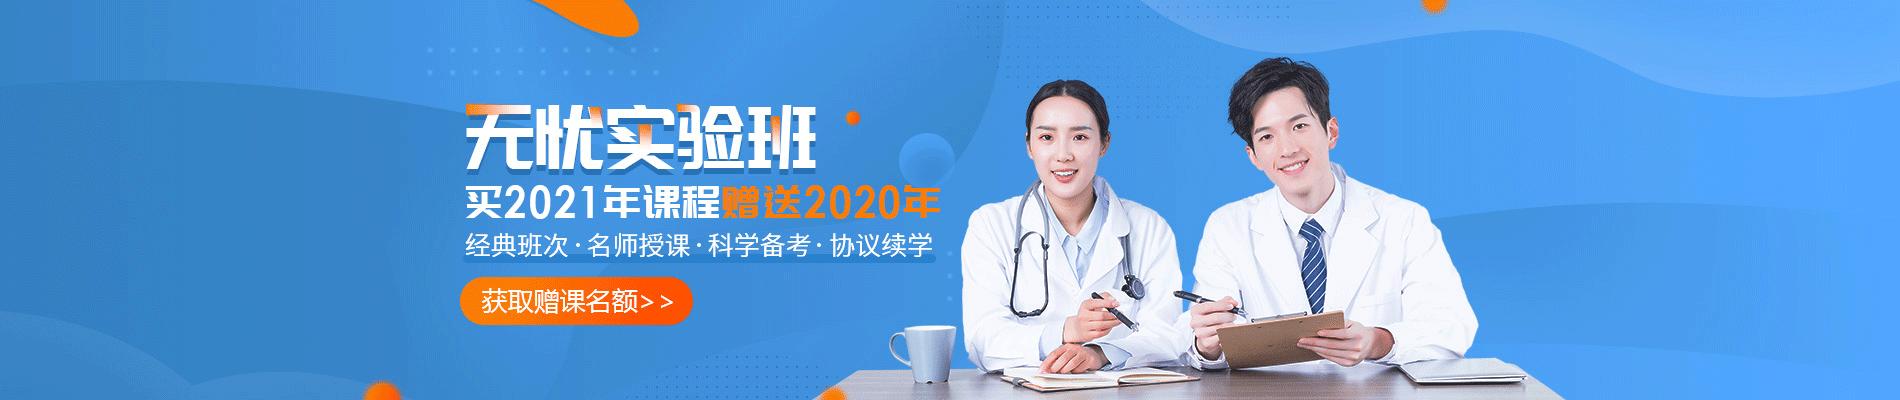 湘潭医考培训